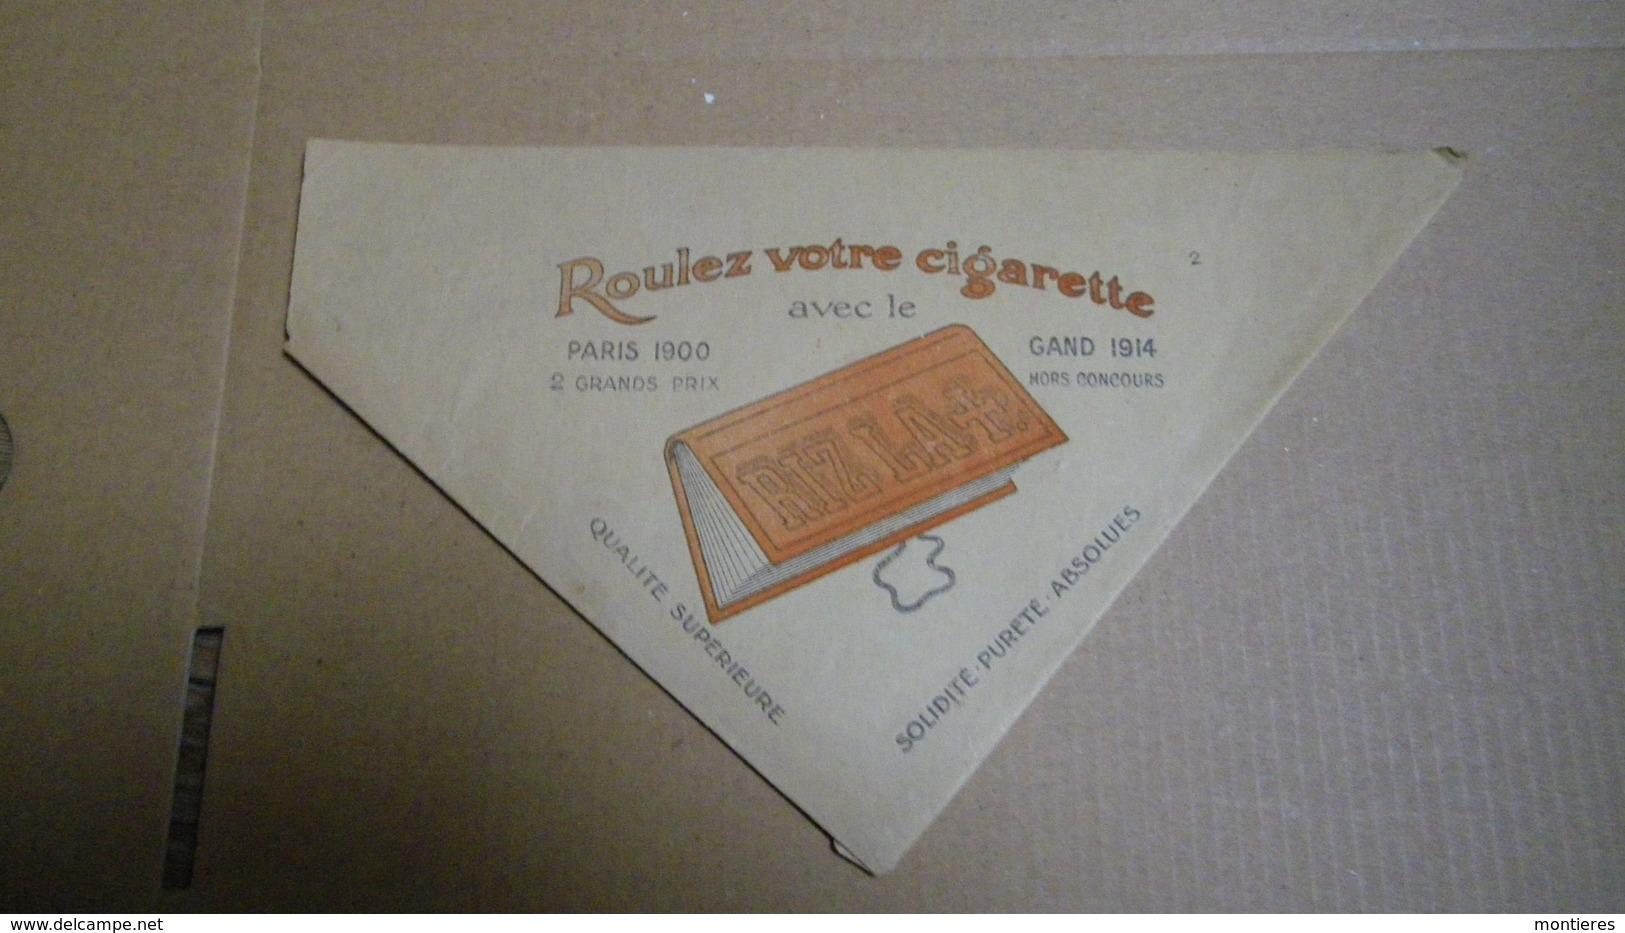 Blague à Tabac En Papier Publicitaire RIZ LA + Roulez Votre Cigarette Avec Le Papier RIZLA - Boites à Tabac Vides